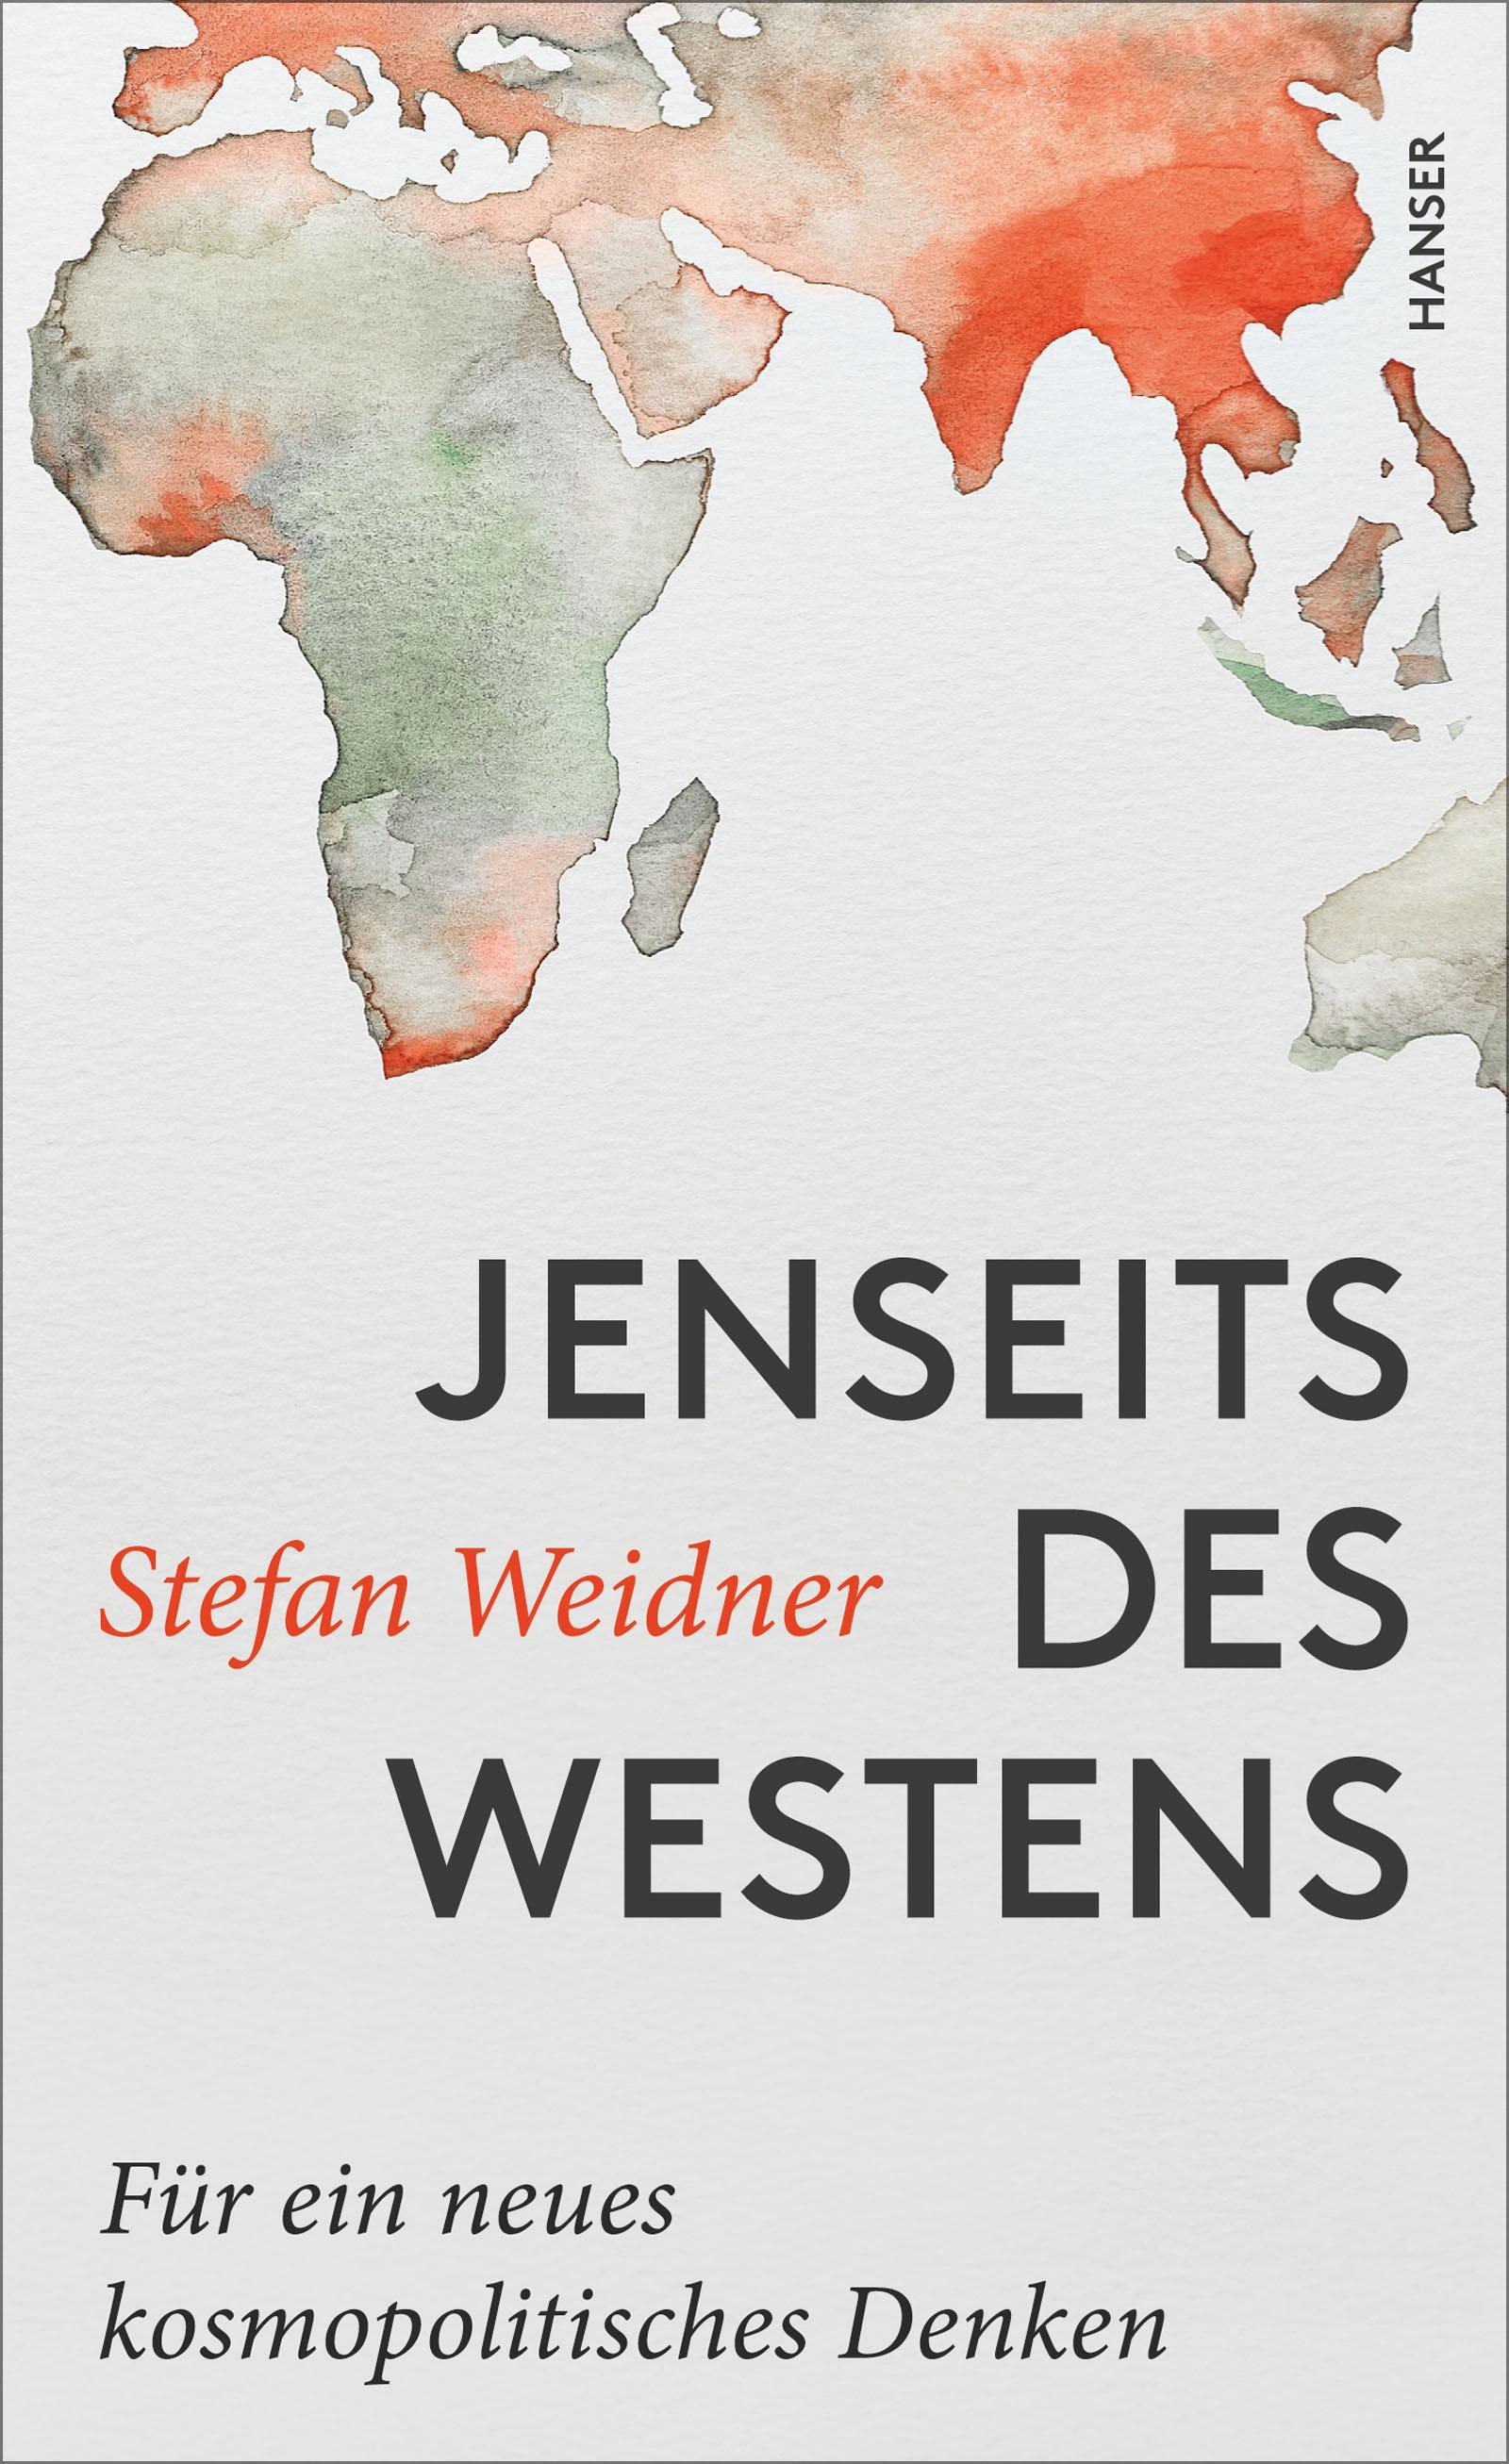 https://www.hanser-literaturverlage.de/buch/jenseits-des-westens/978-3-446-25849-5/